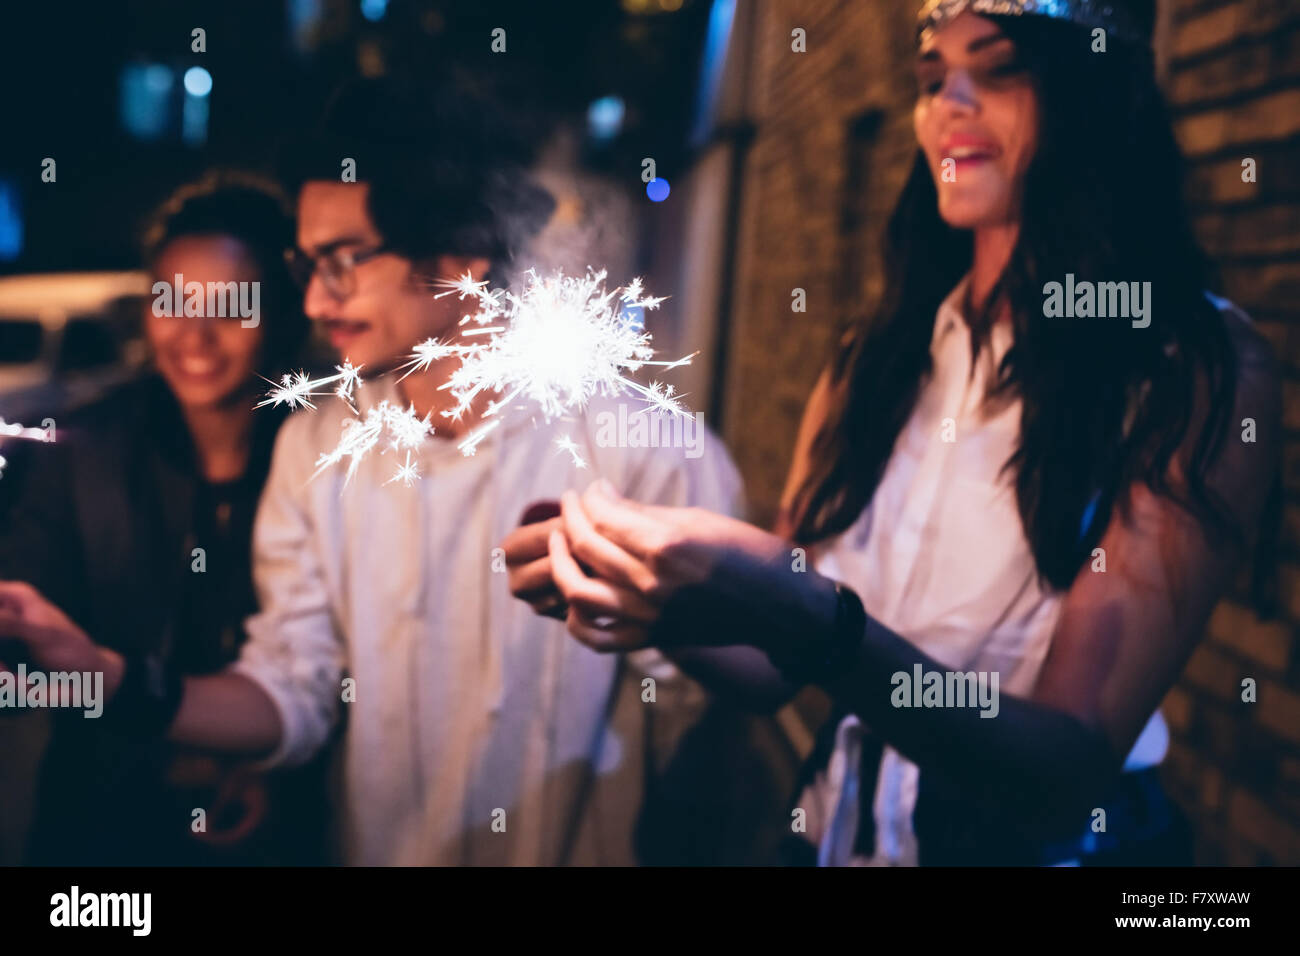 Jóvenes amigos por la noche, celebrando con estrellitas. Hombres y mujeres que cuelgan en una fiesta nocturna. Imagen De Stock